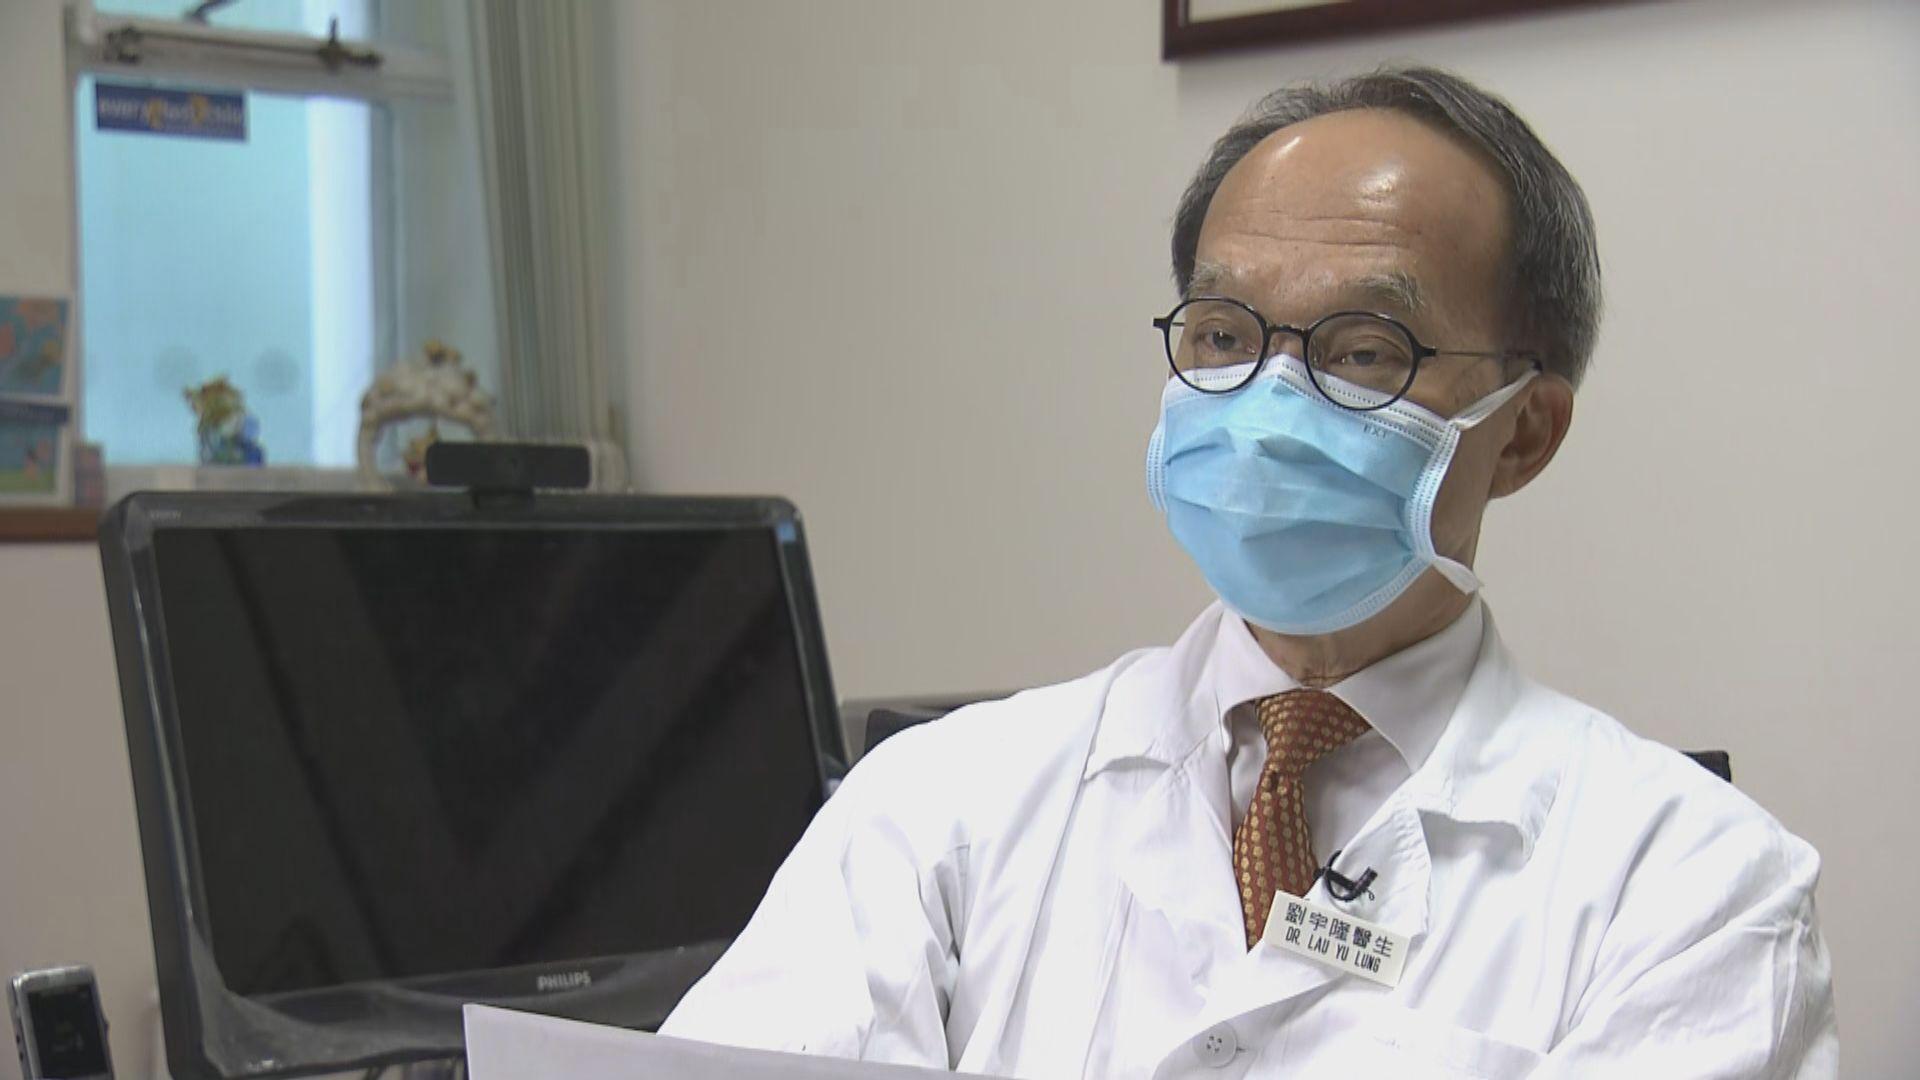 劉宇隆倡科興疫苗接種年齡降至12歲 為長者醫護等打第三針